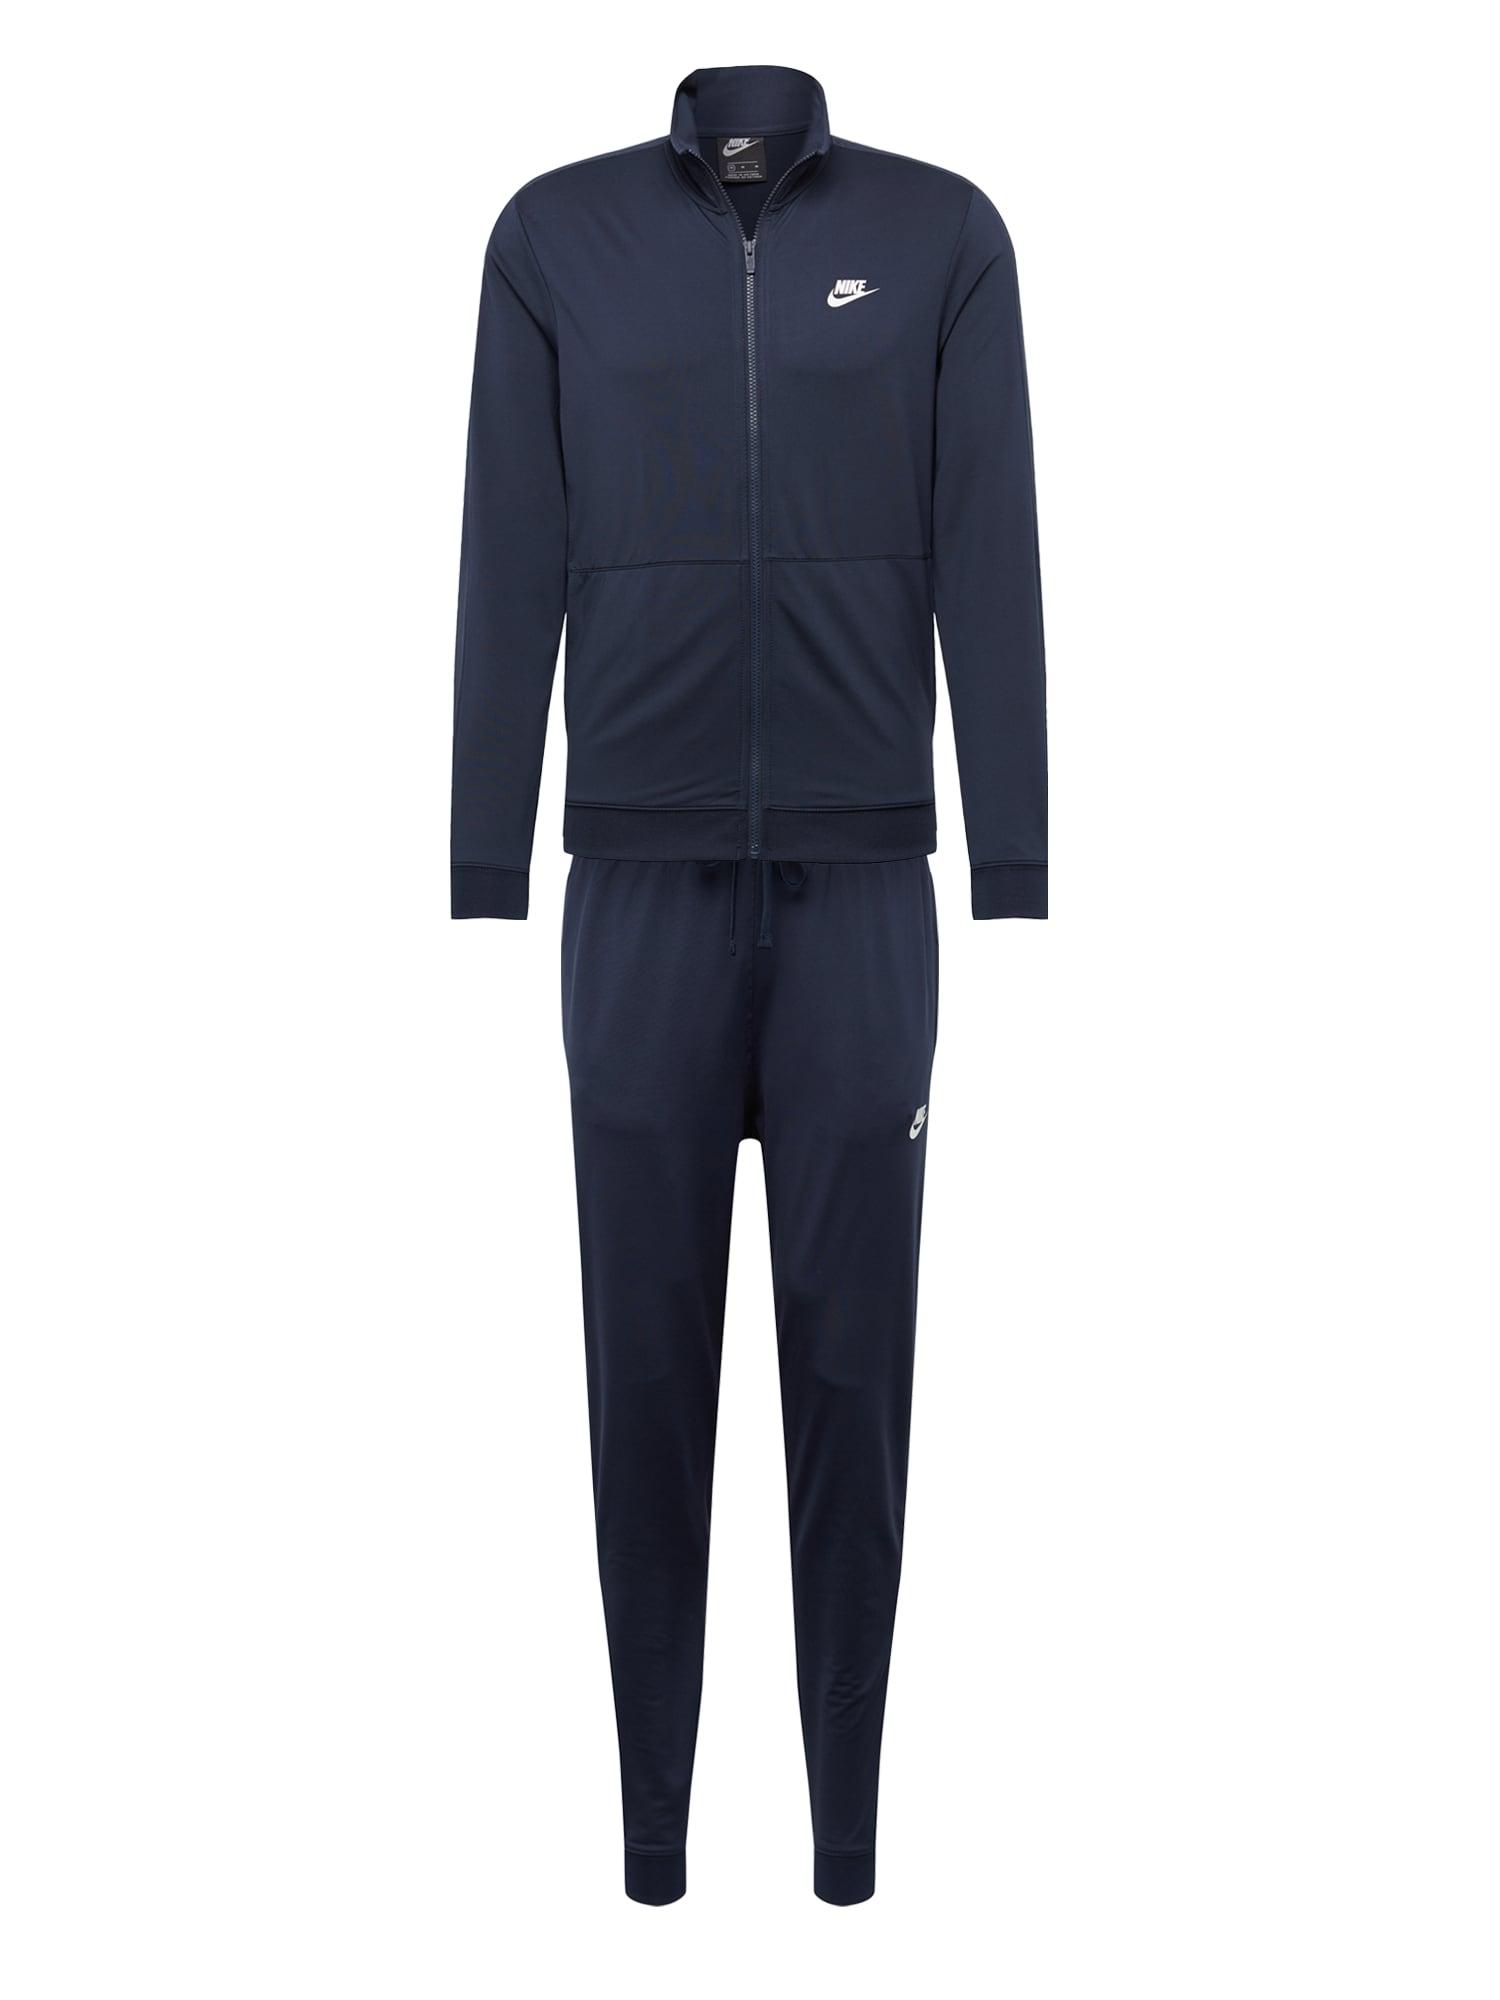 Domácí oblečení M NSW TRK SUIT PK tmavě modrá Nike Sportswear